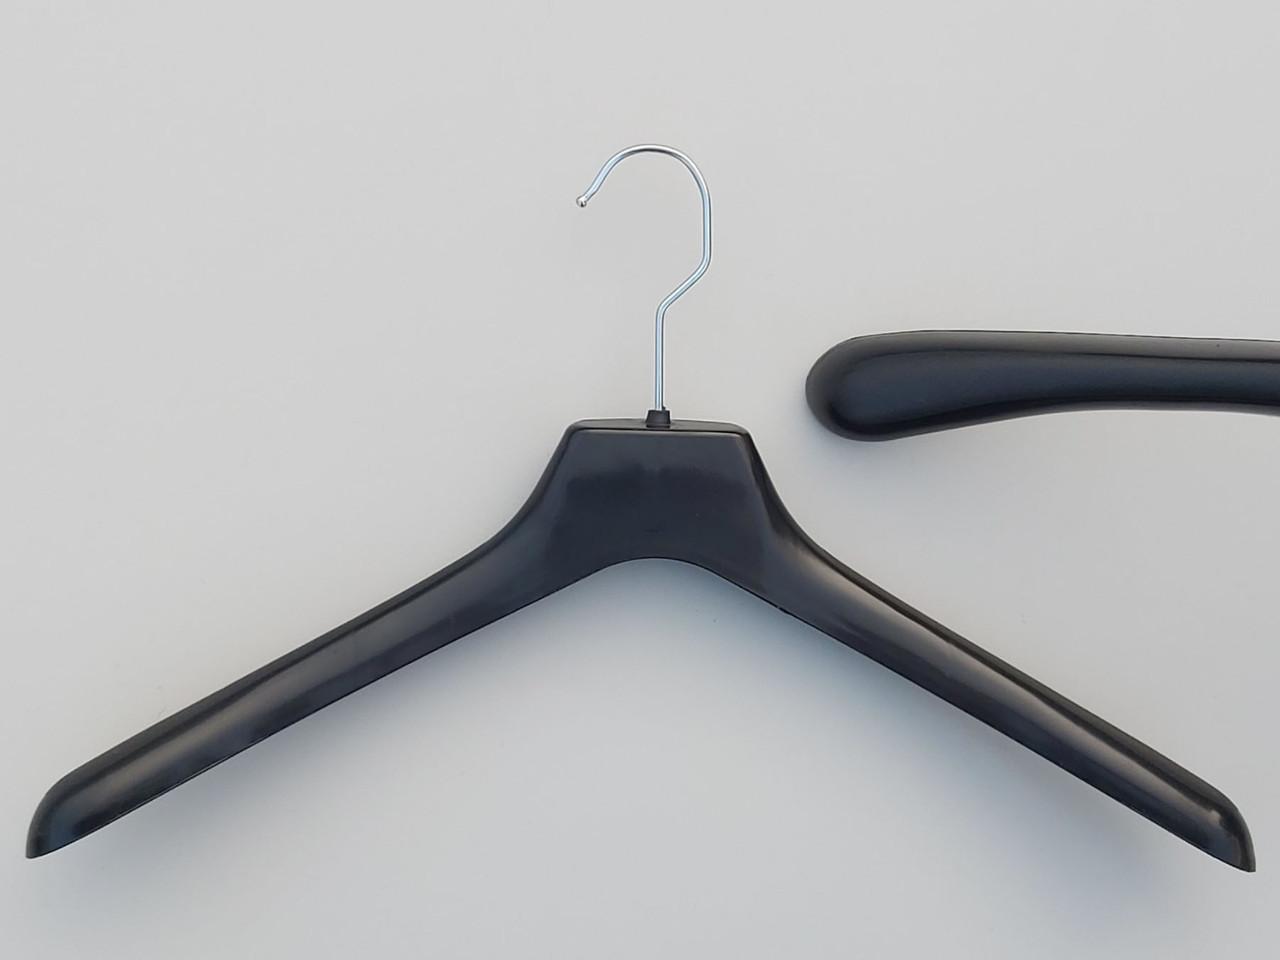 Плечики пластмассовые  №4 черного цвета, длина 43 см